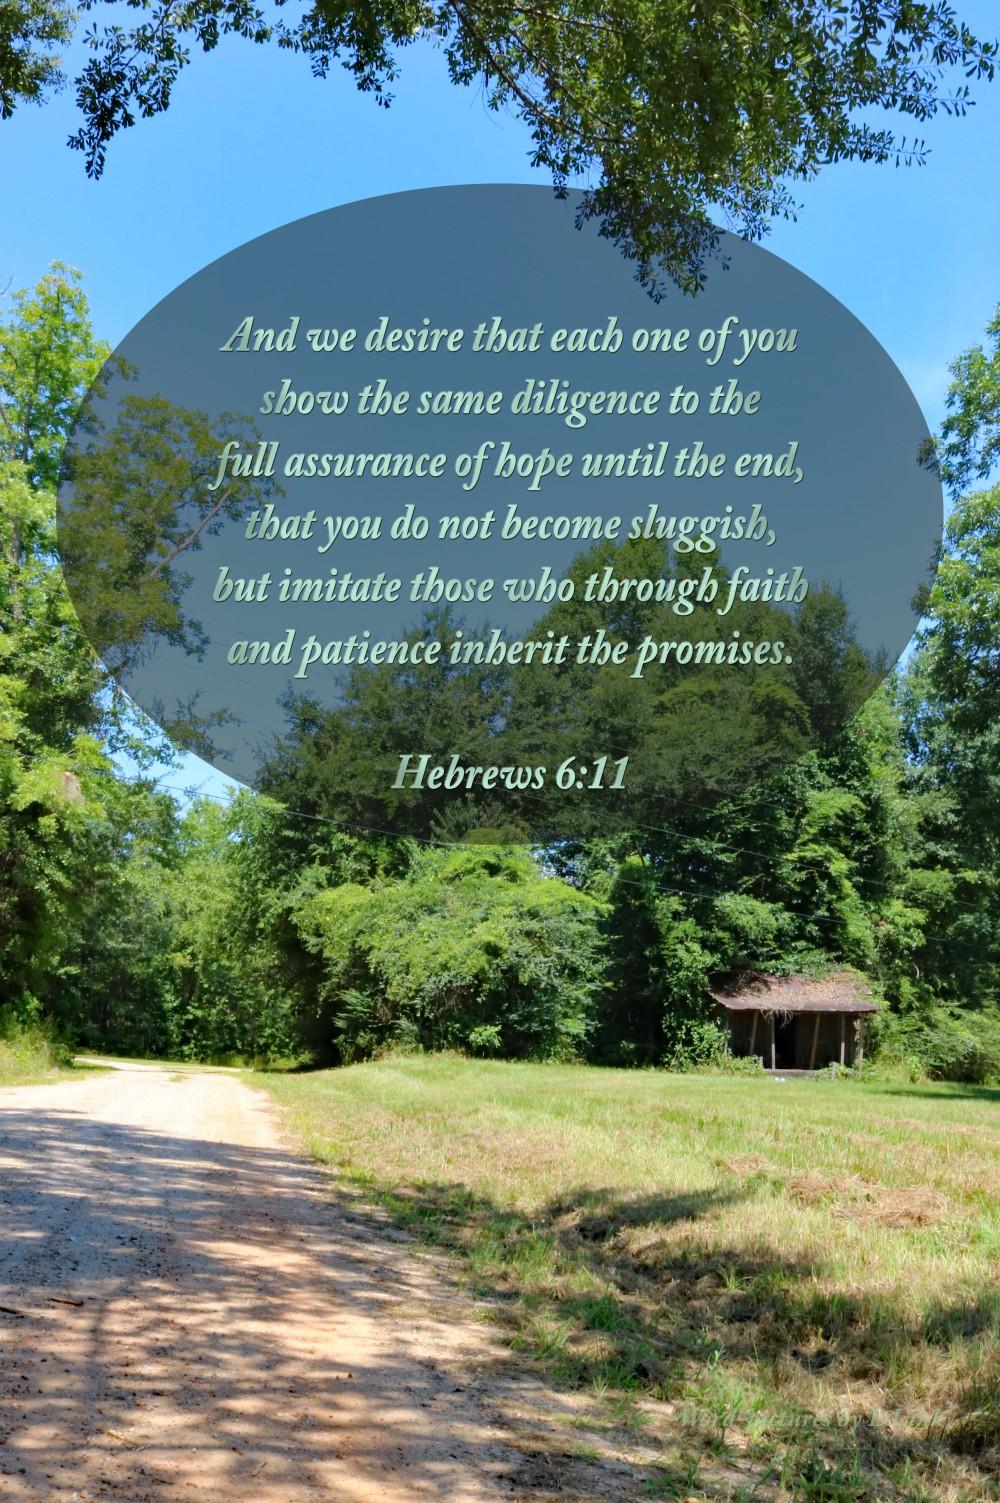 Hebrews 6;11